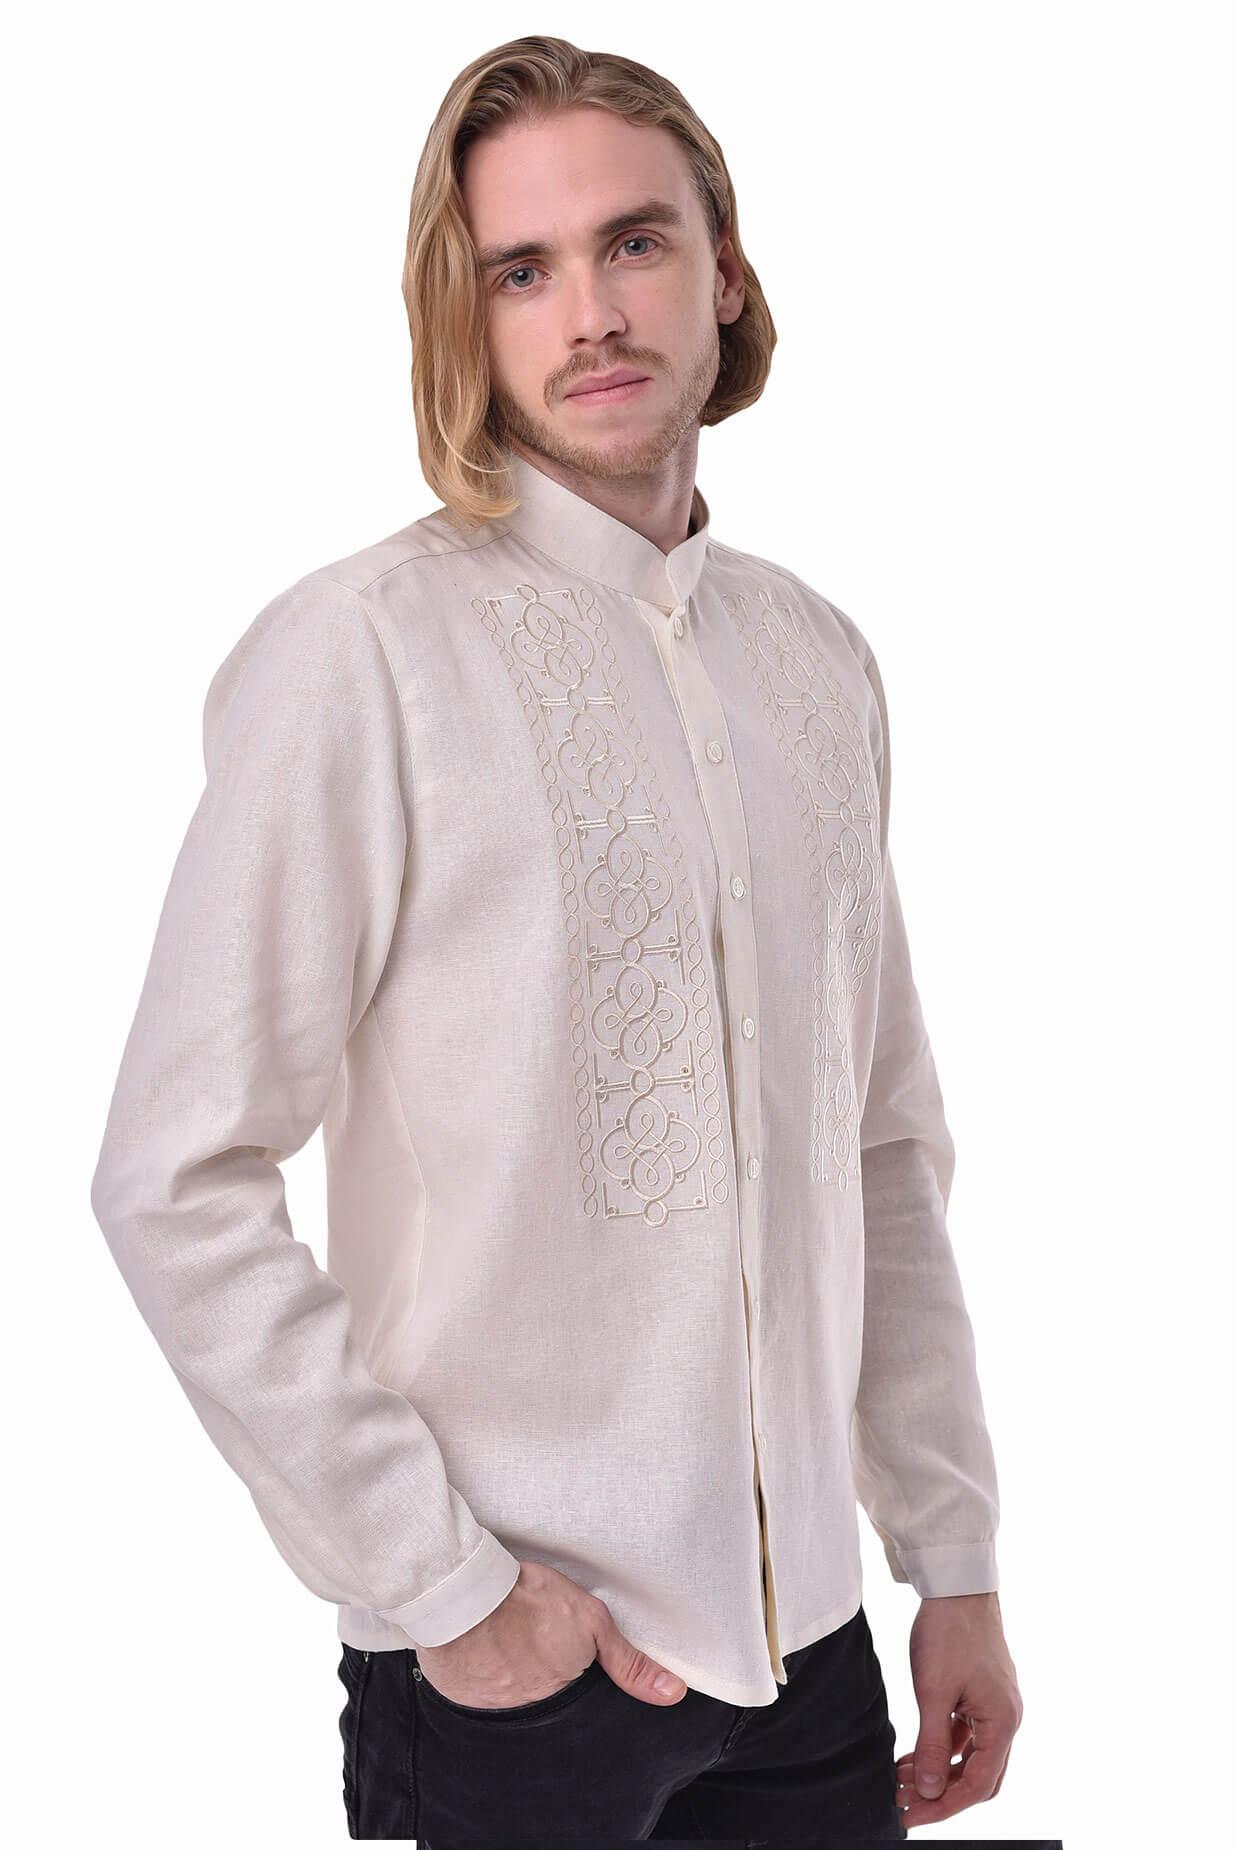 Чоловіча вишита сорочка «Сила» молочна - 2KOLYORY 091a60f829c41